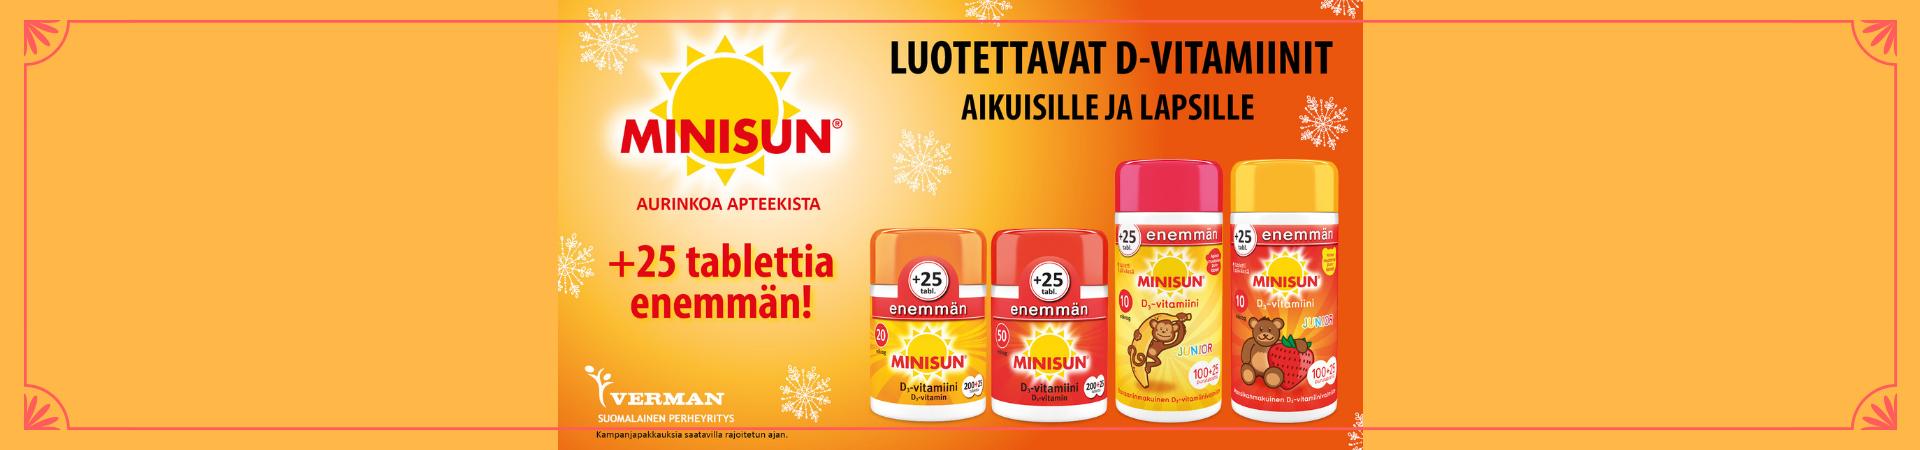 Minisun D-vitamiini kampanjapakkaus tarjous